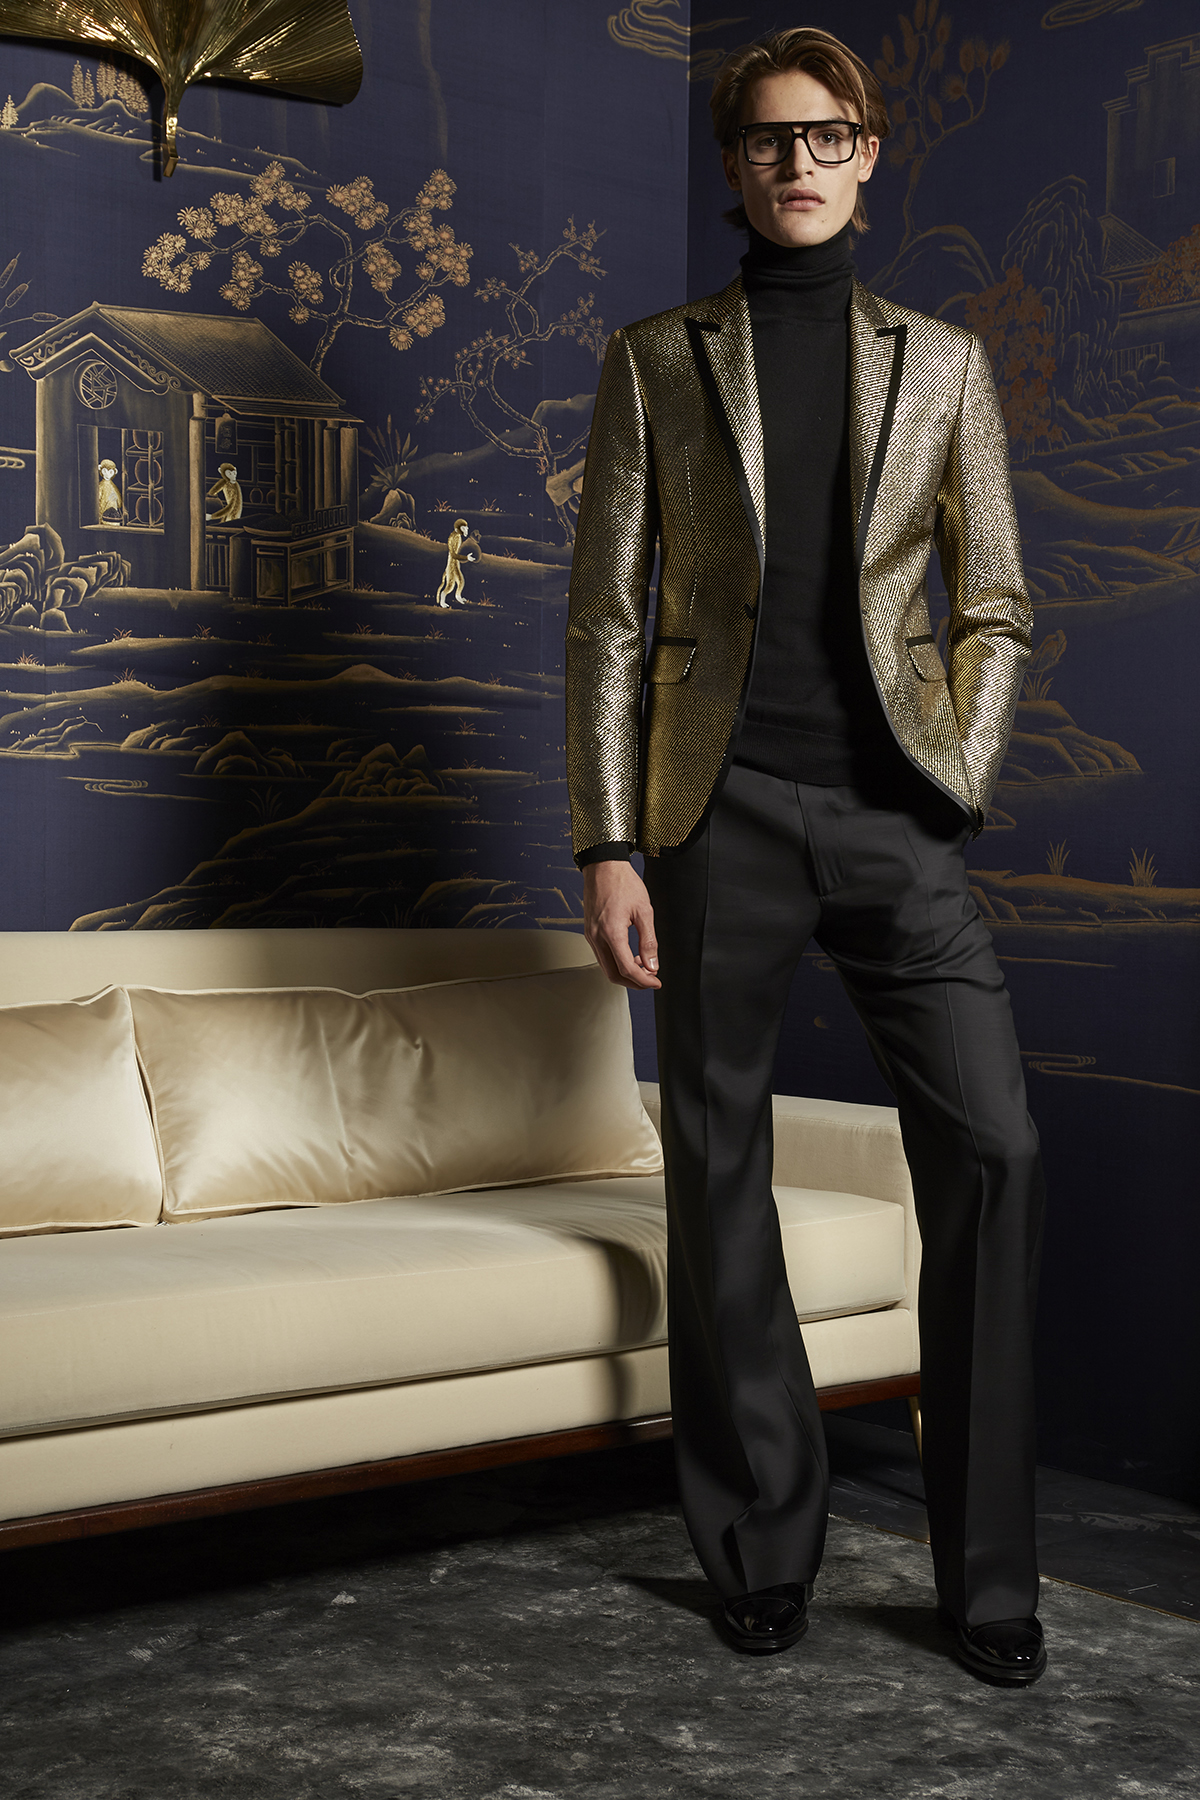 Dsquared2 - Dan & Dean Caten Talk Tailoring & More